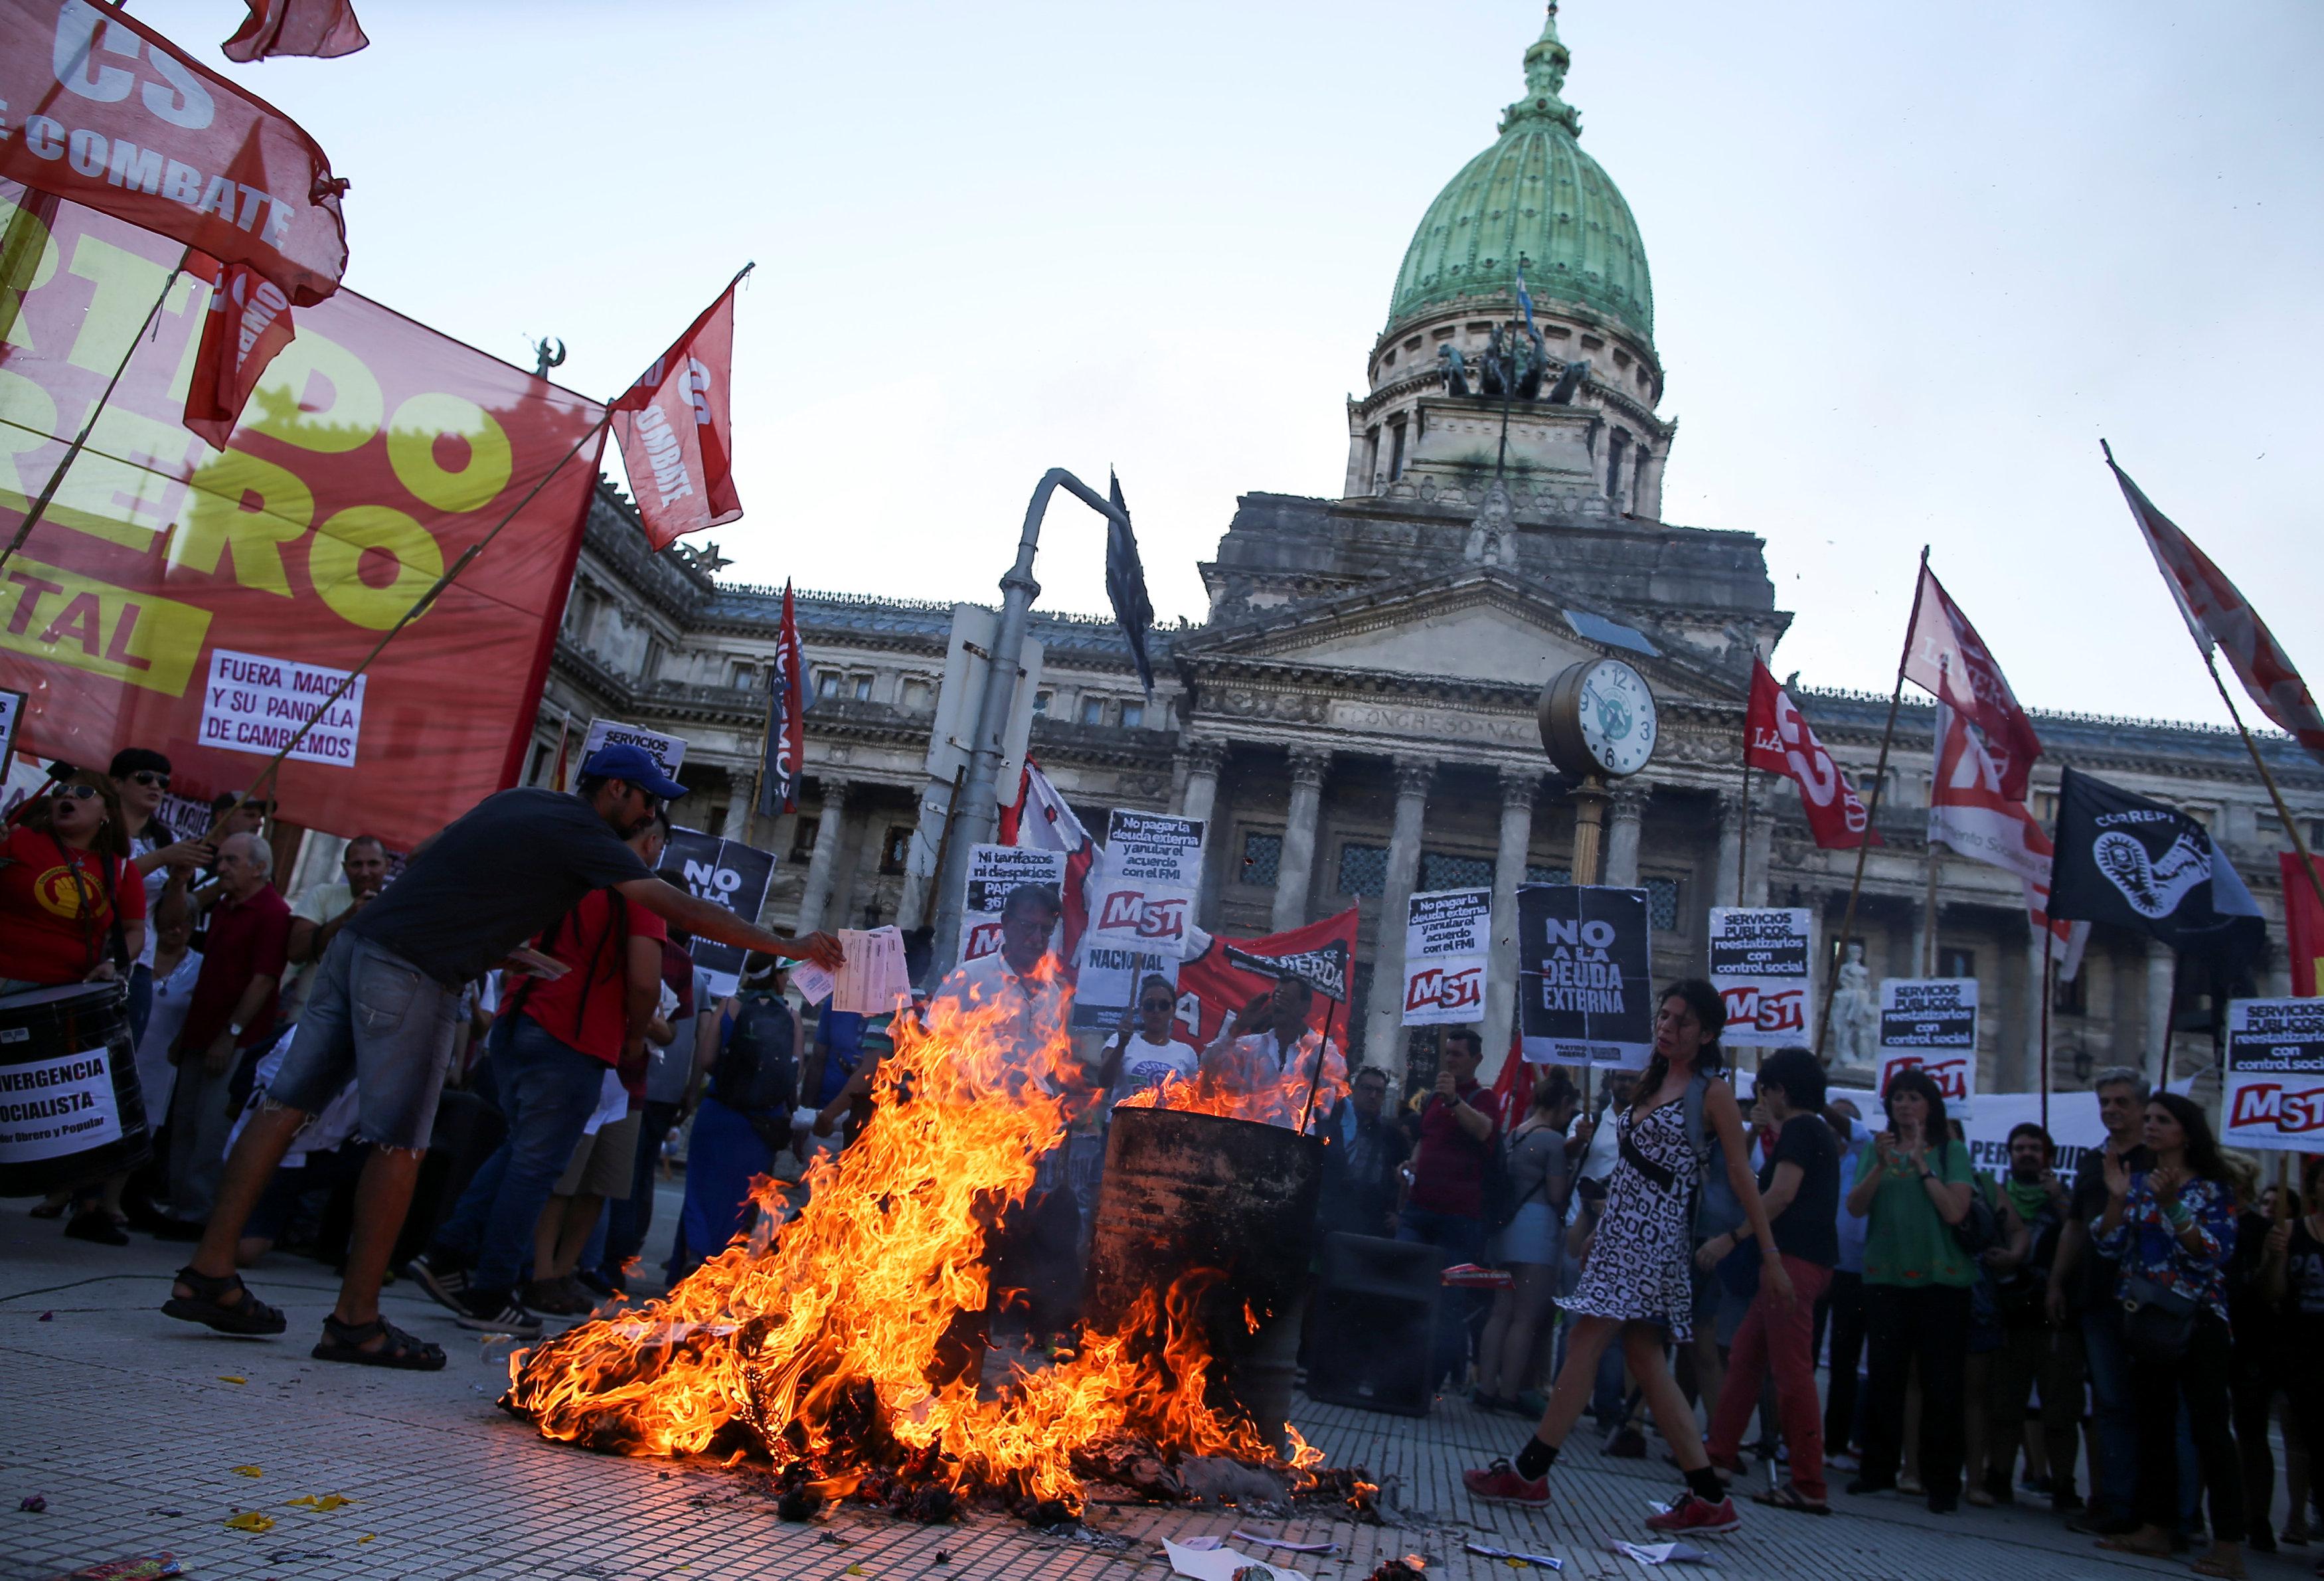 الاقتصاد الأرجنتينى يعانى من التدهور منذ سنوات